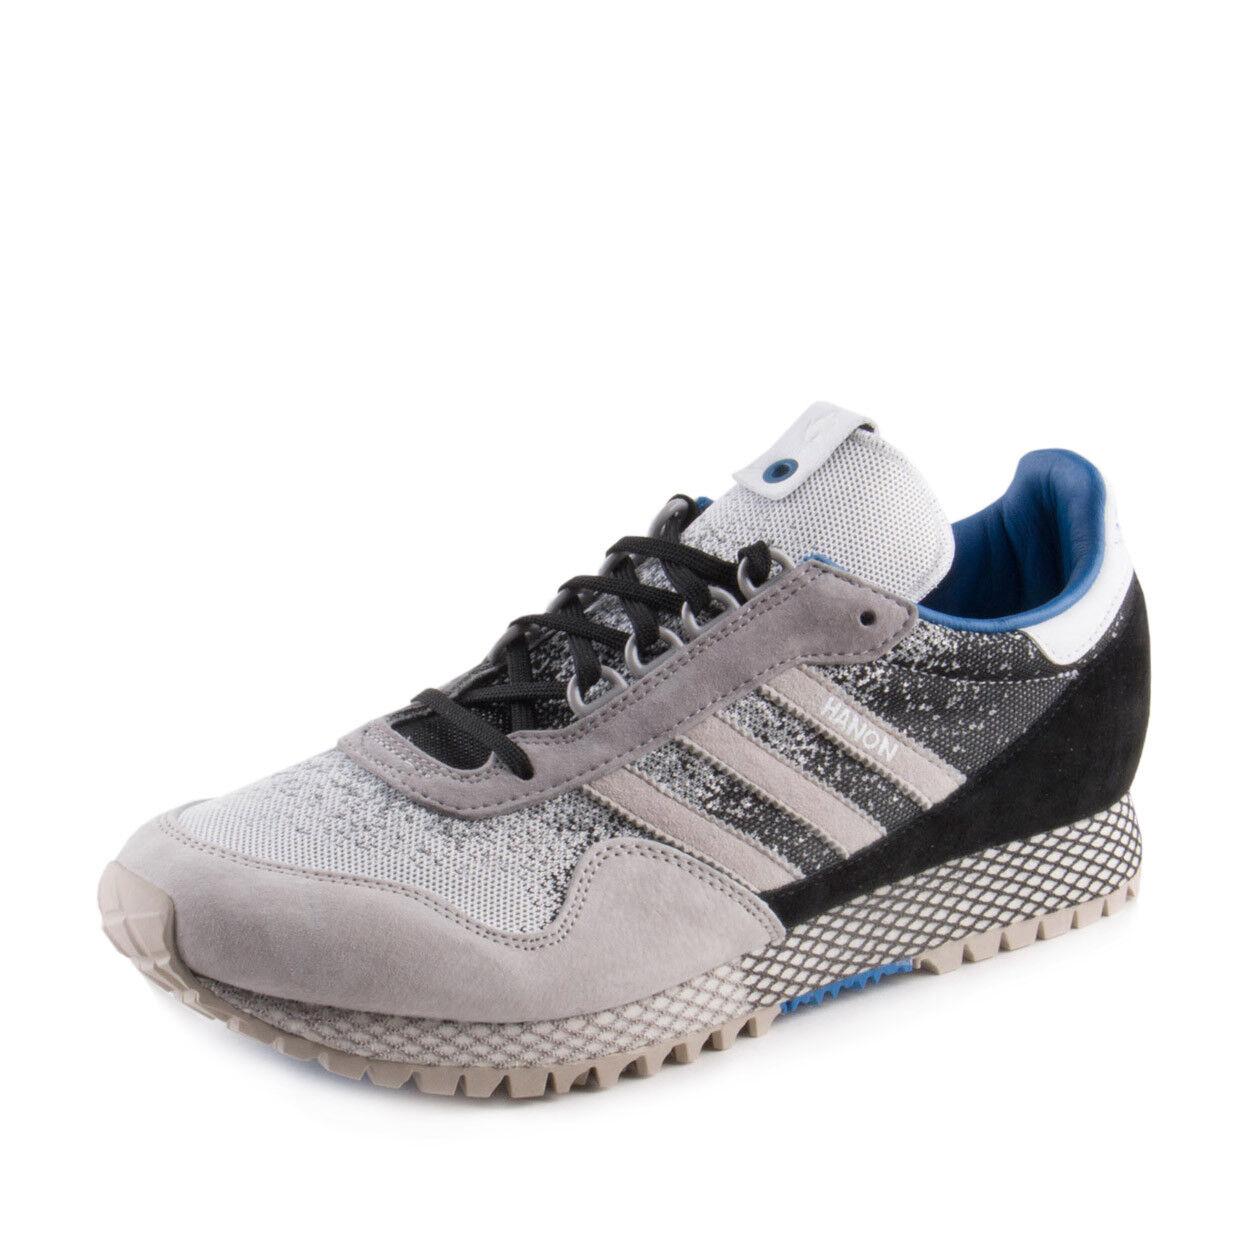 Adidas Hombre Nuevo York Hanon CM7878 X